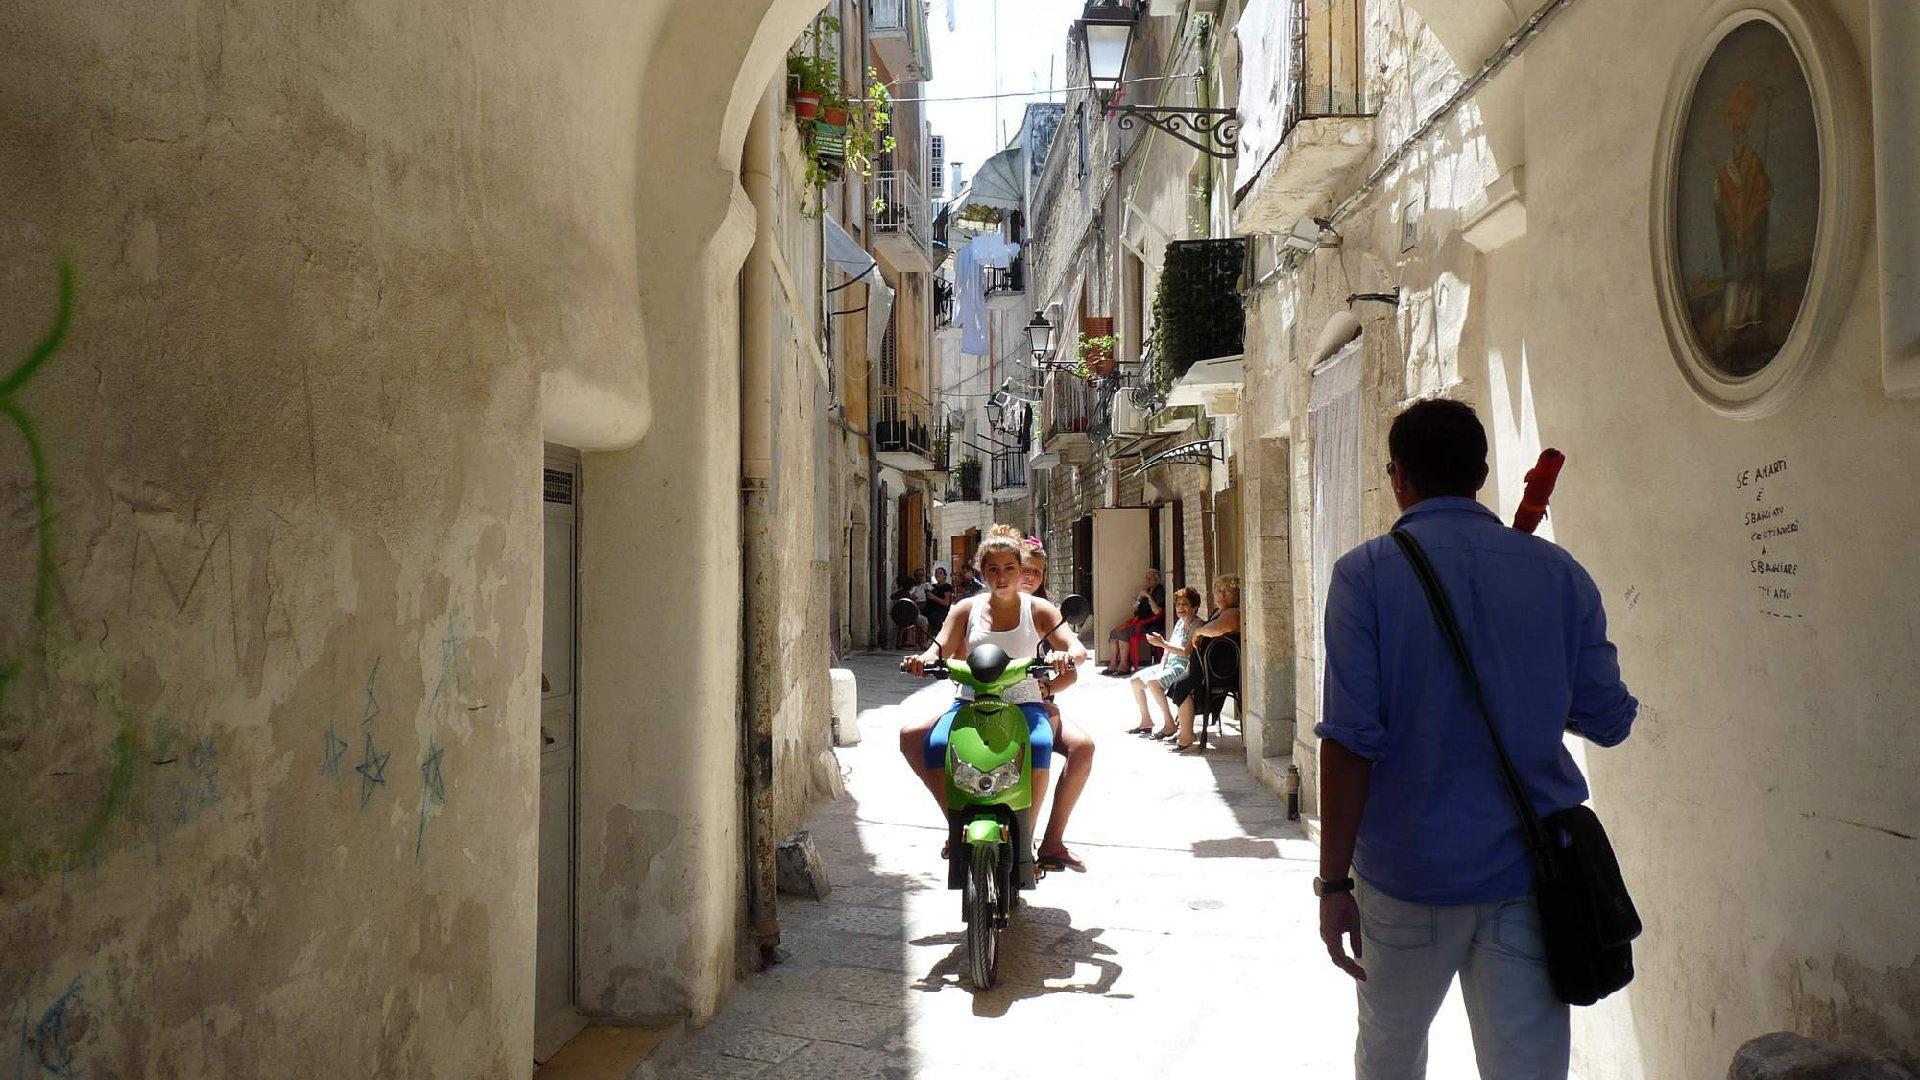 Bari v Itálii – Kompletní průvodce, letenky, pláž + počasí